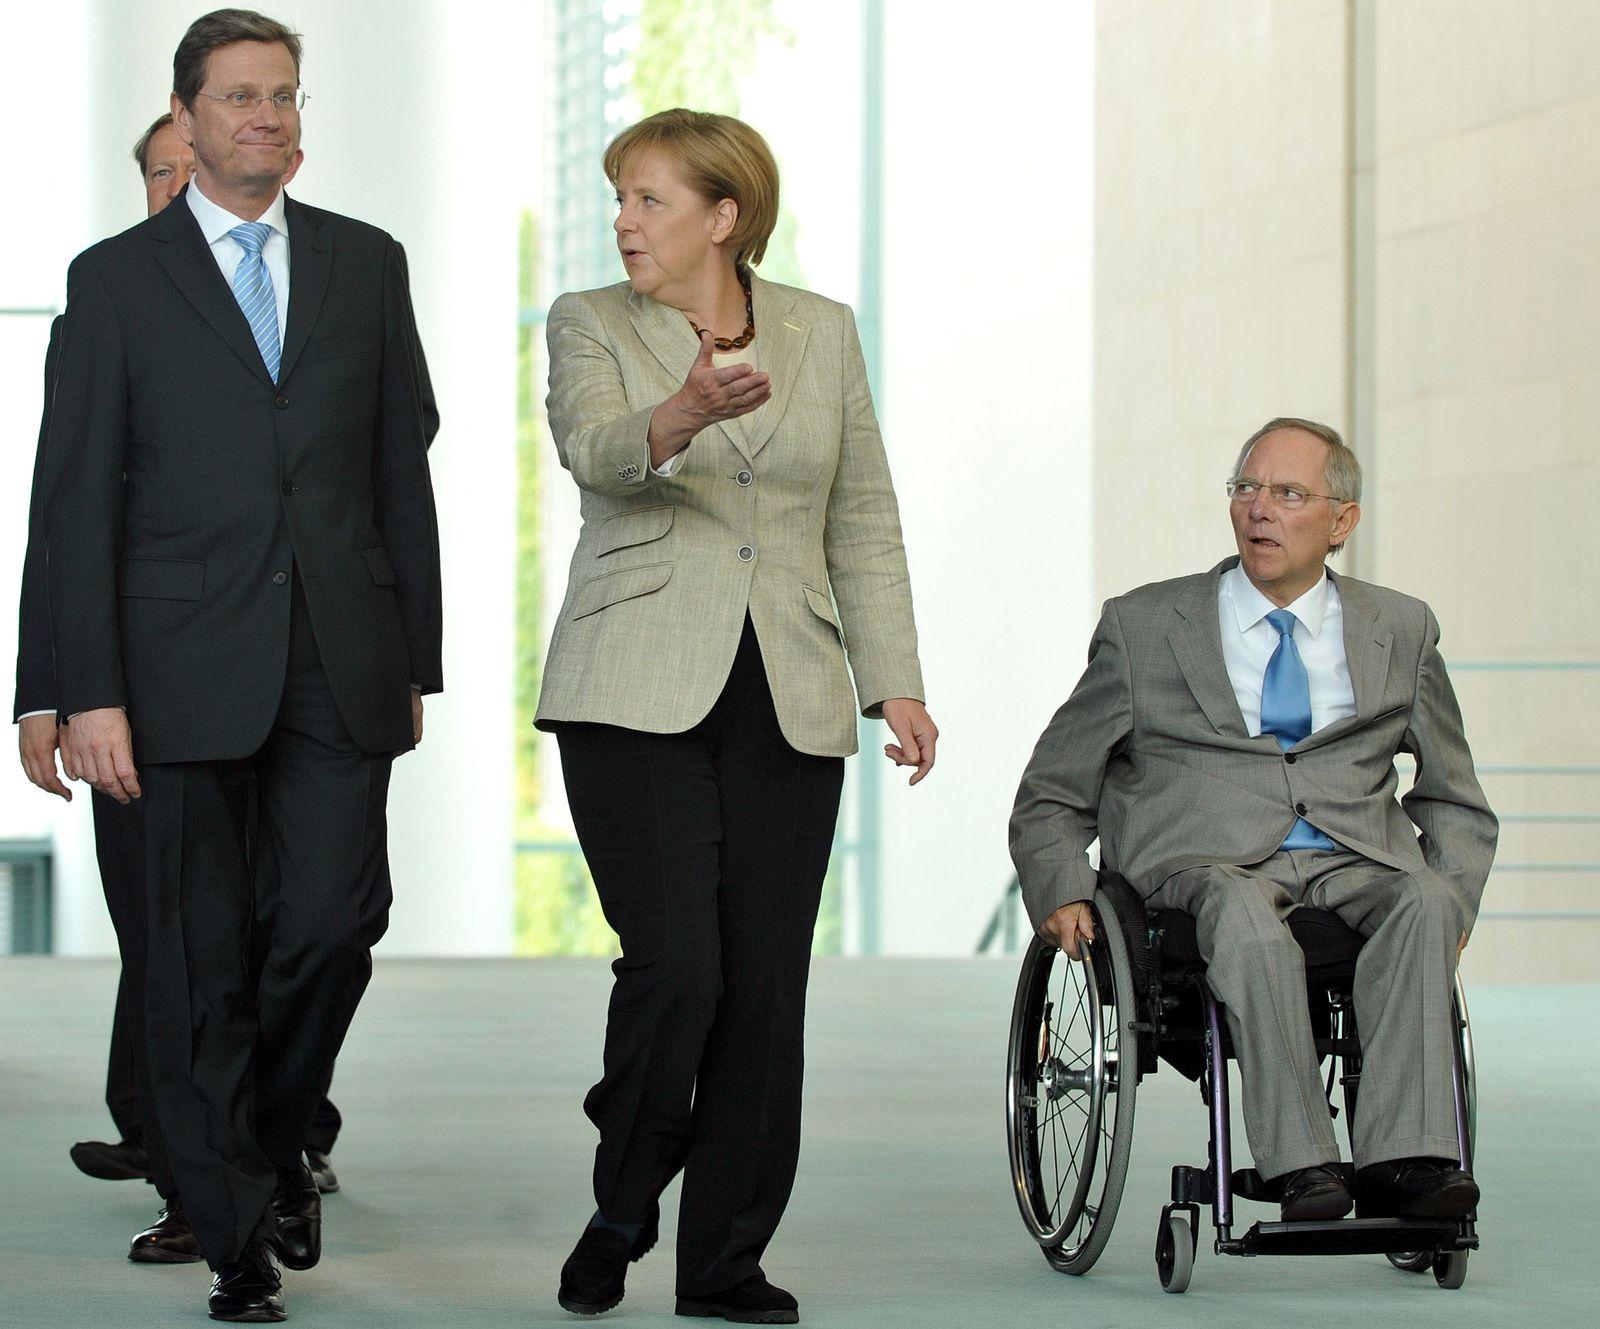 NICHT VERWENDEN Klausurtagung / Merkel / Westerwelle